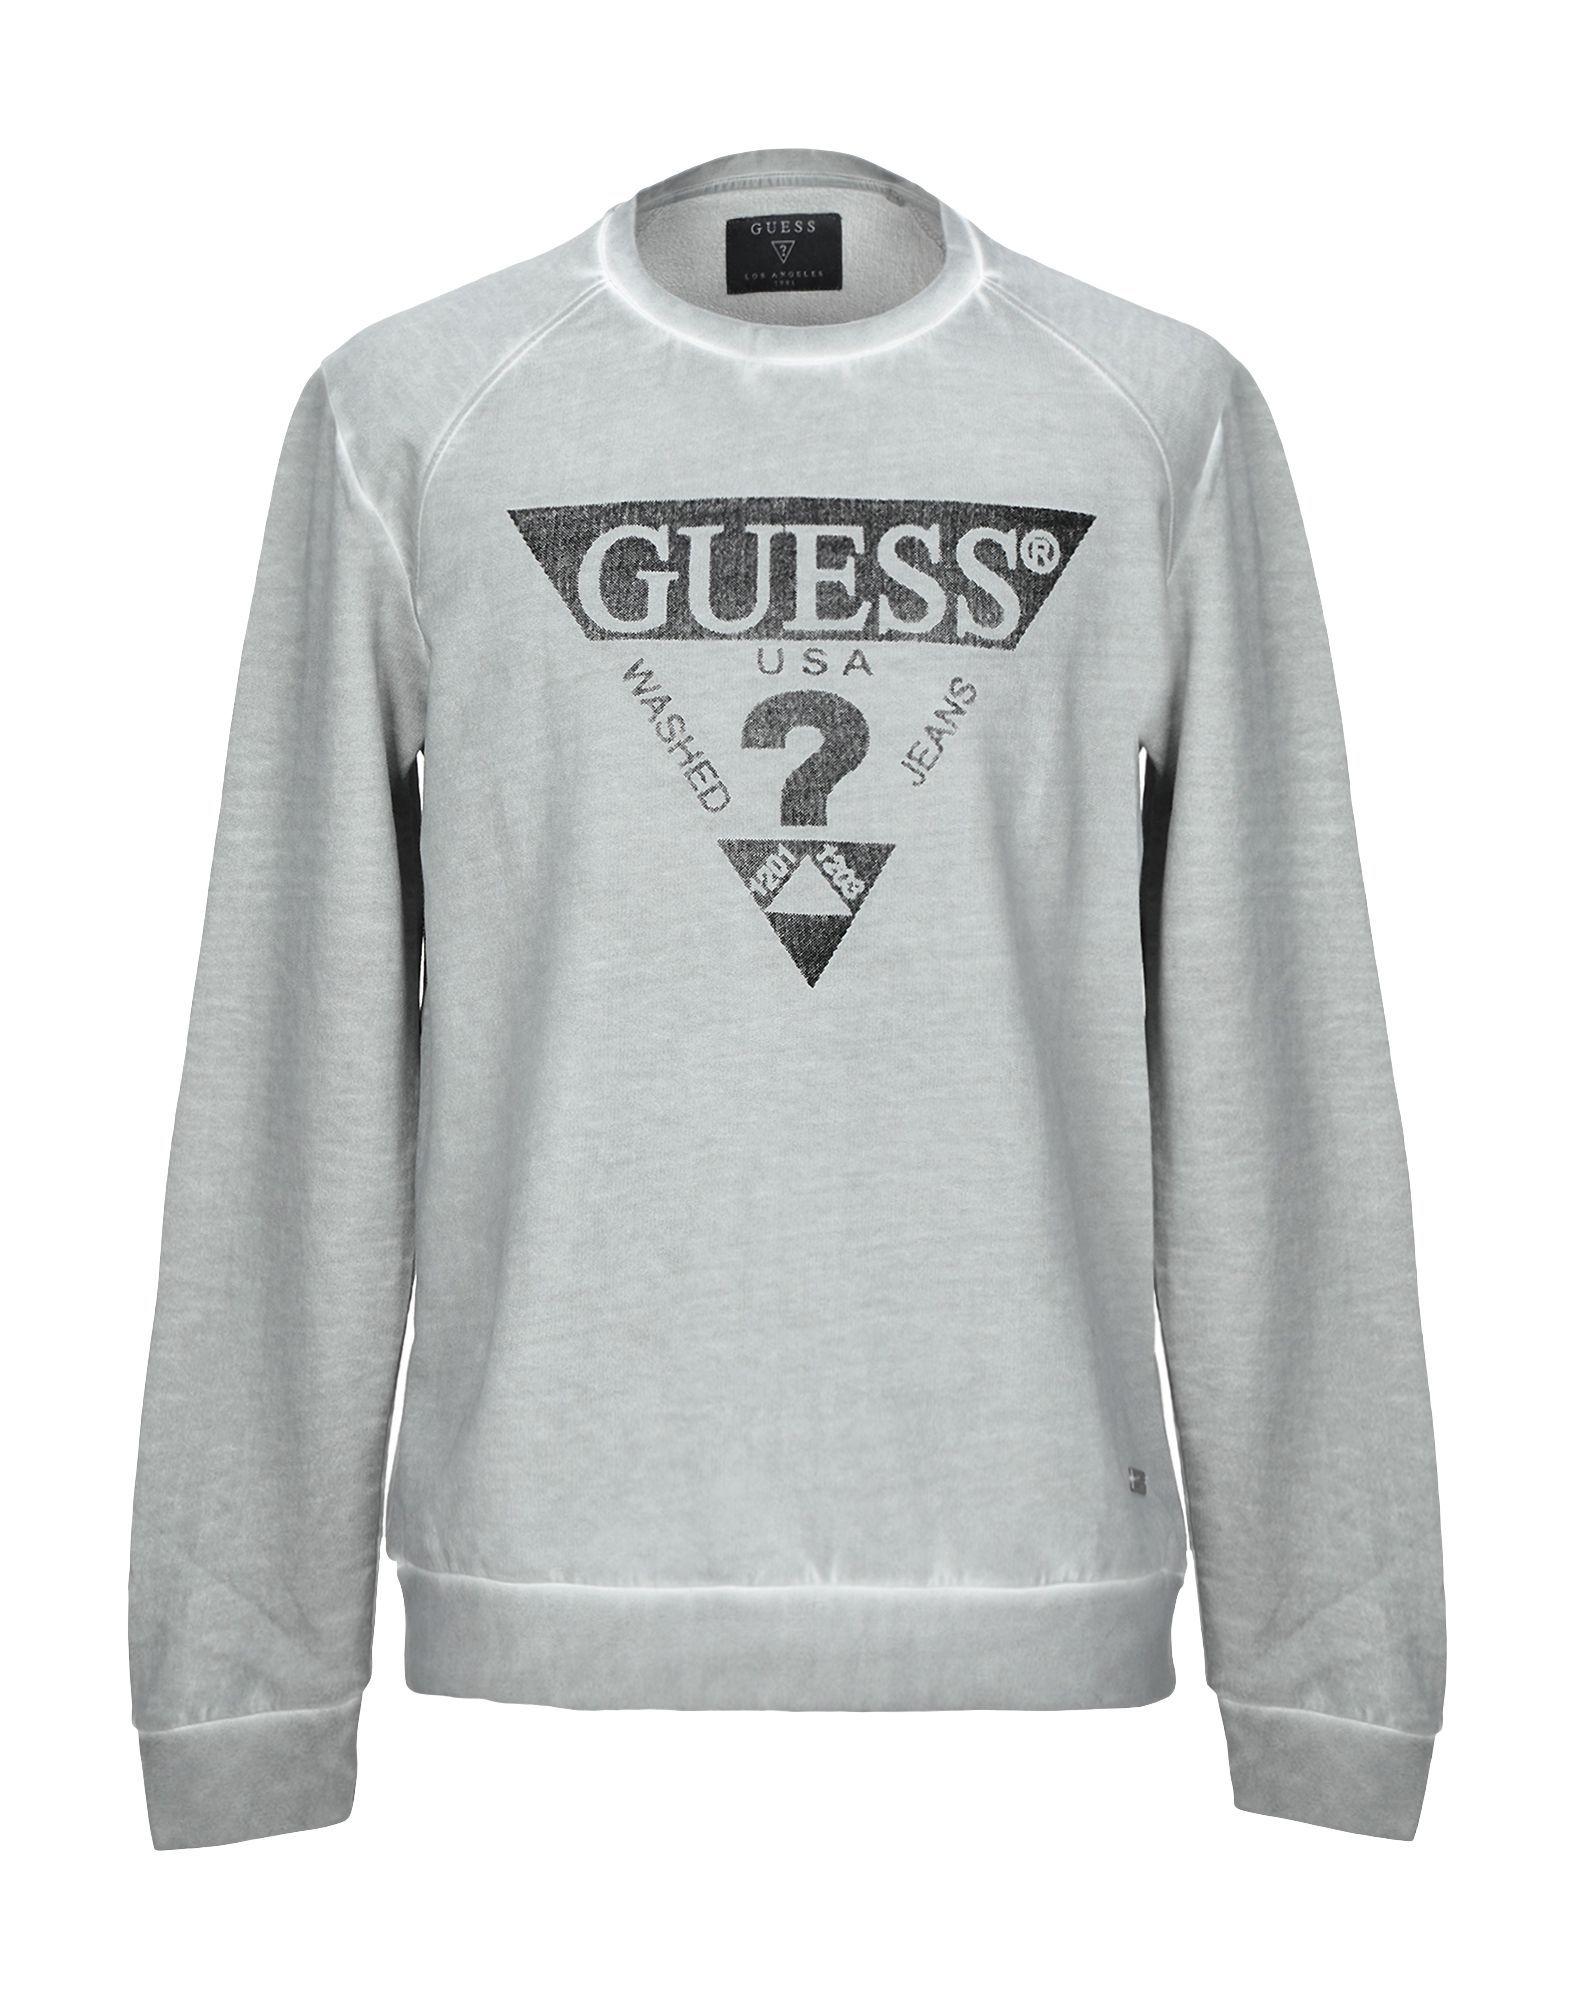 Guess Sweatshirt Guess Cloth Sweatshirts Long Sleeve Tshirt Men Tomboy Outfits [ 2000 x 1571 Pixel ]